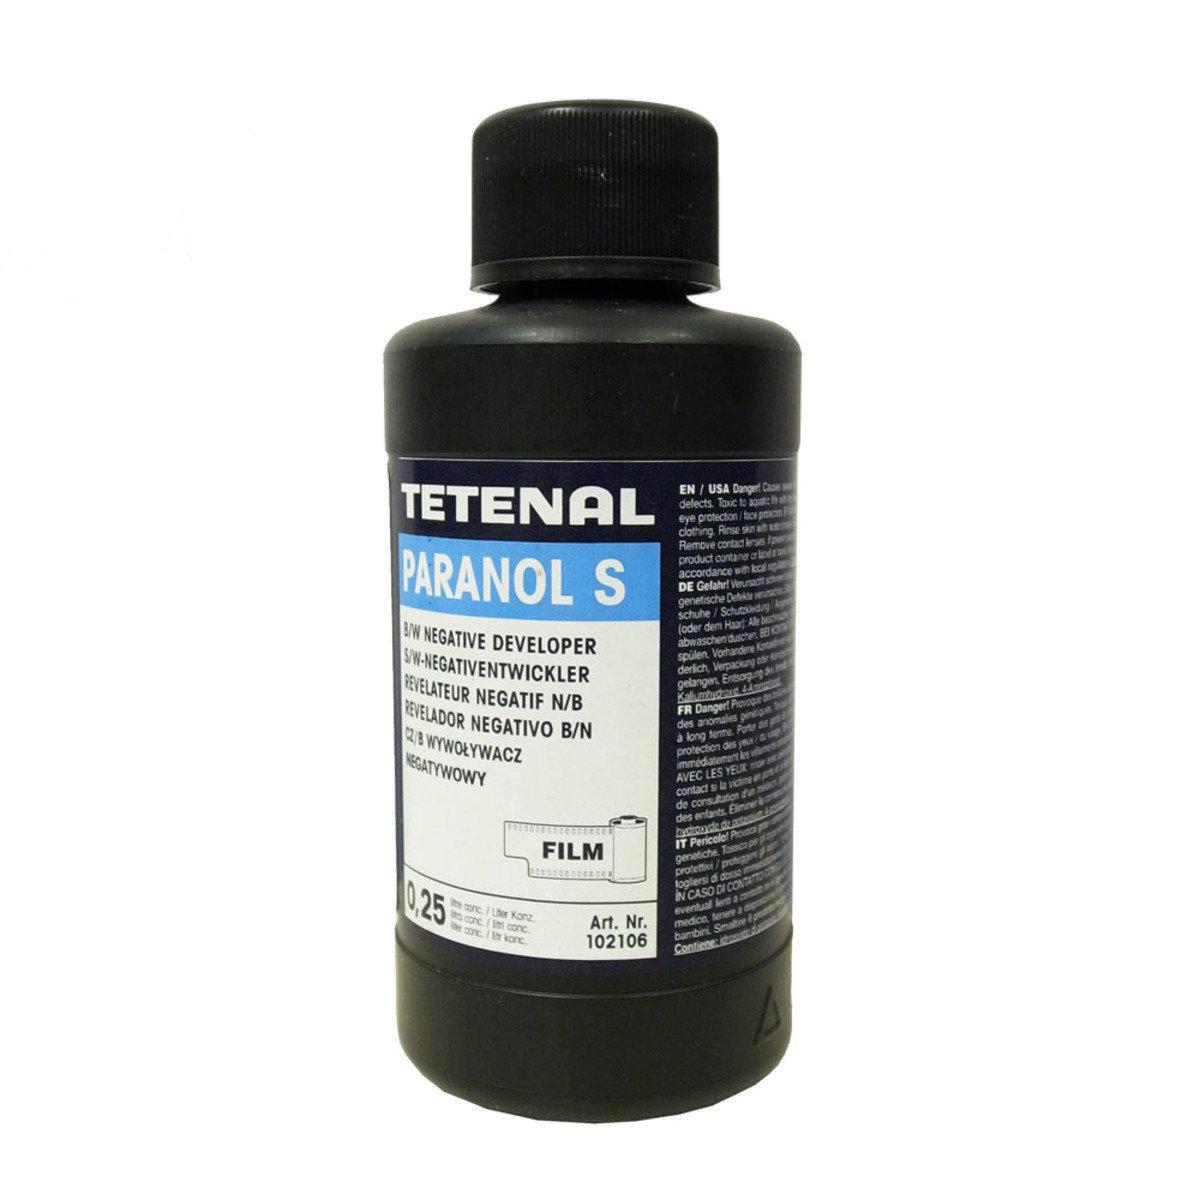 Paranol S 菲林顯影劑